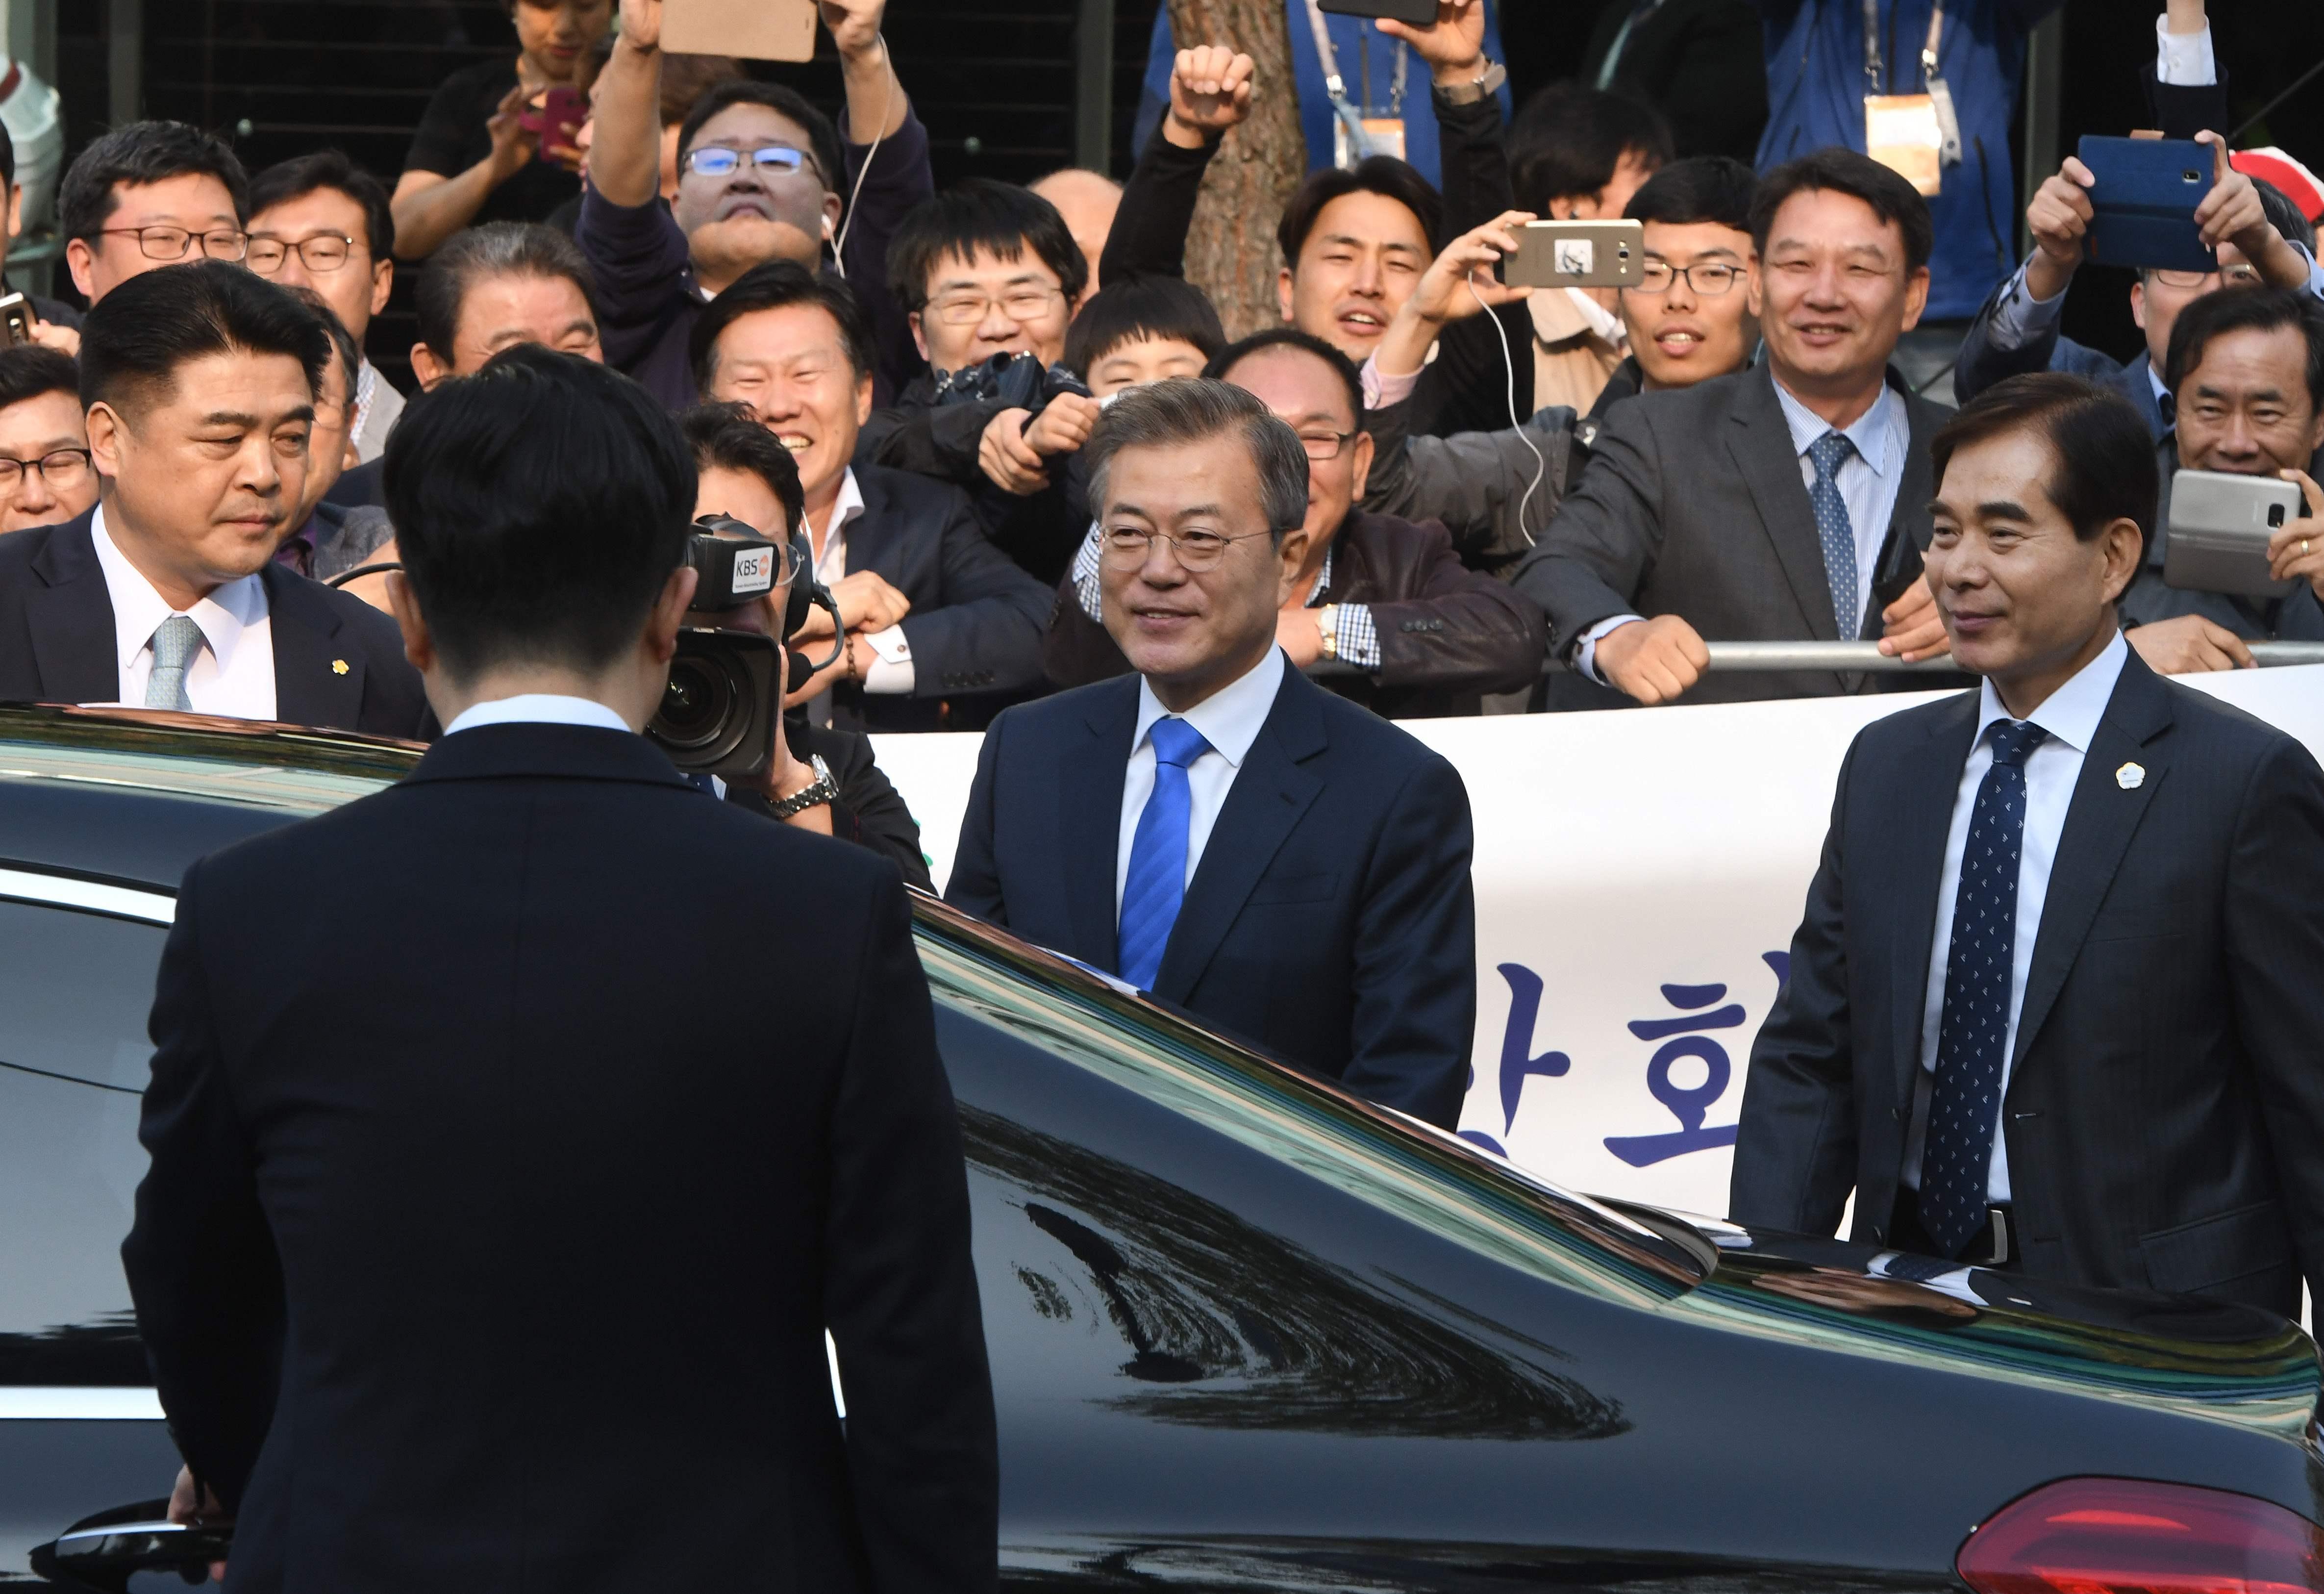 رئيس كوريا الجنوبية وسط العشرات